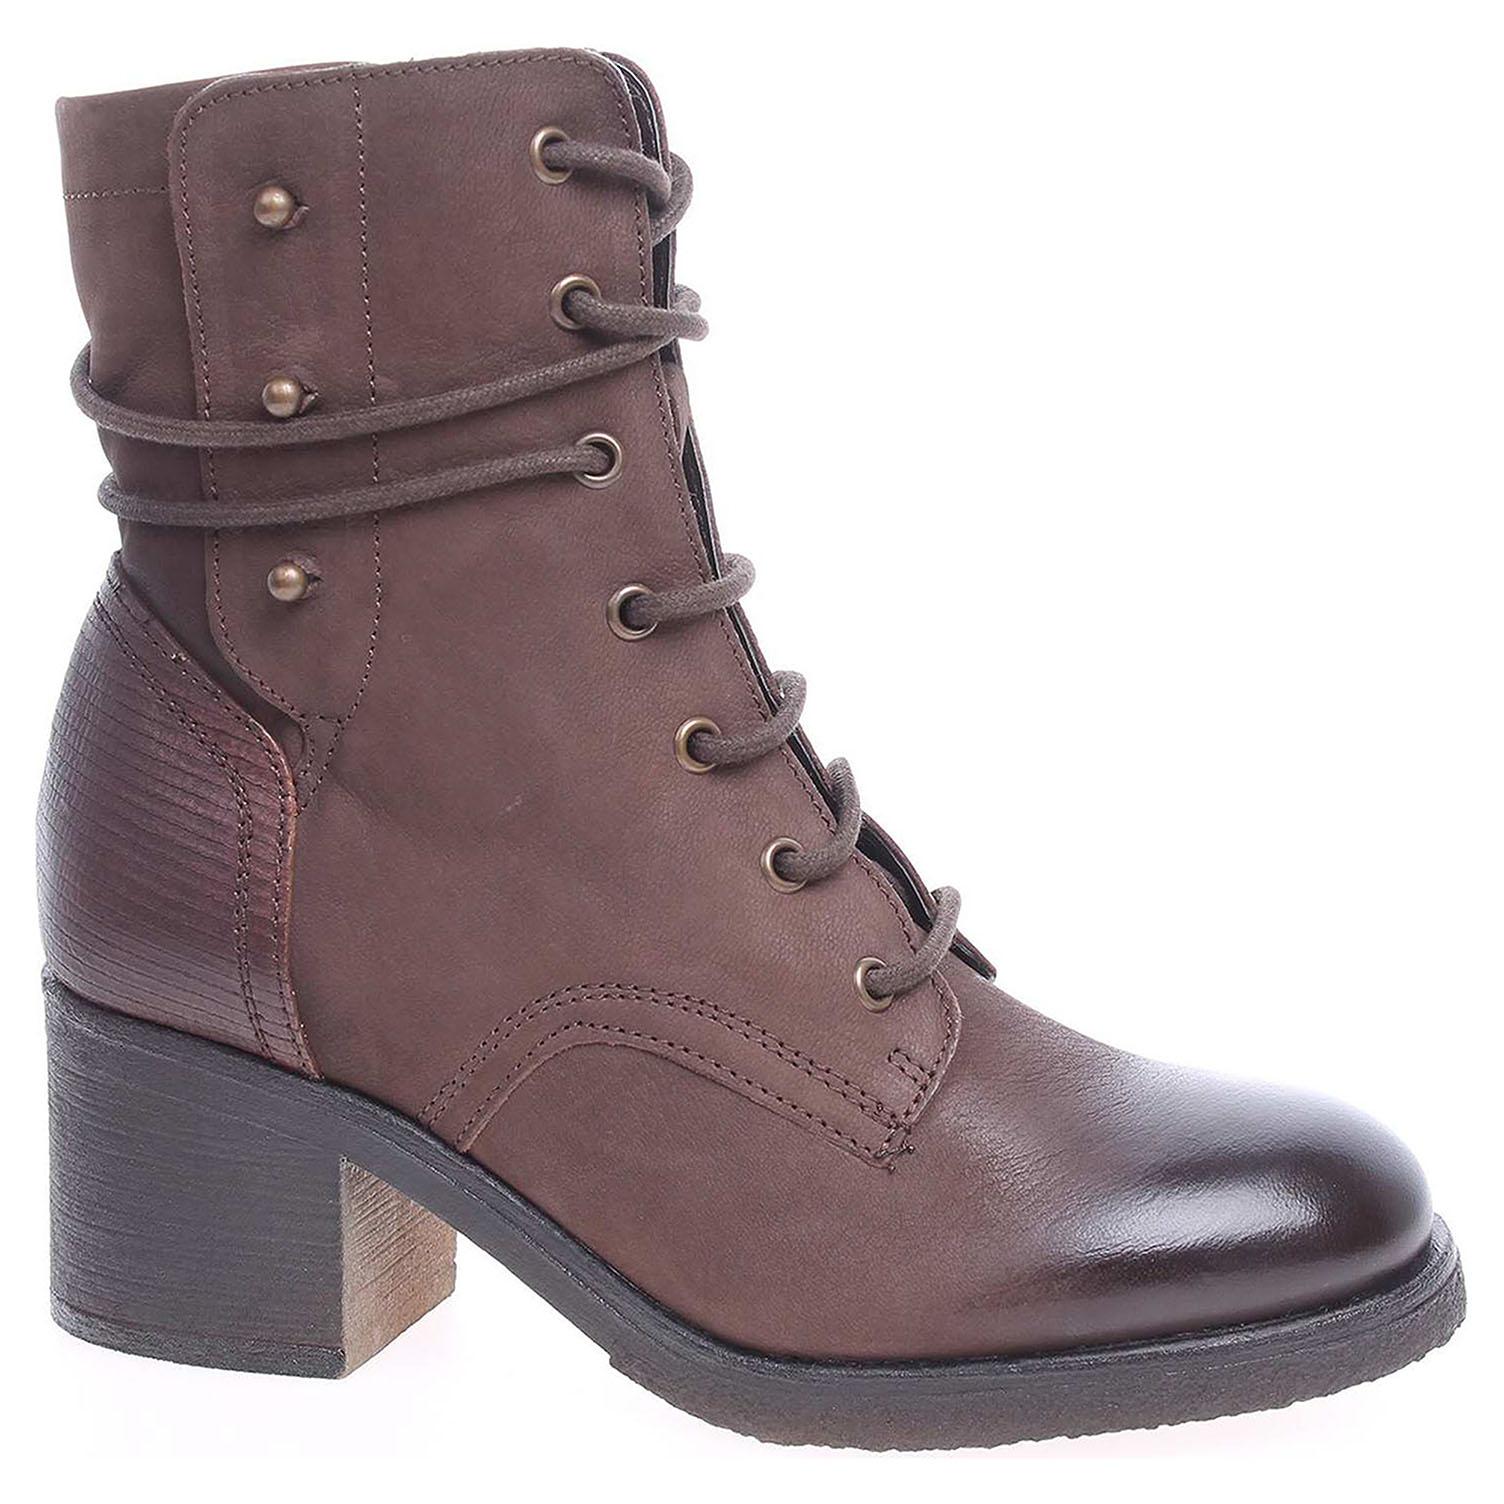 66ba80875f Ecco Dámská kotníková obuv Tamaris 1-25113-27 hnědé 22400476